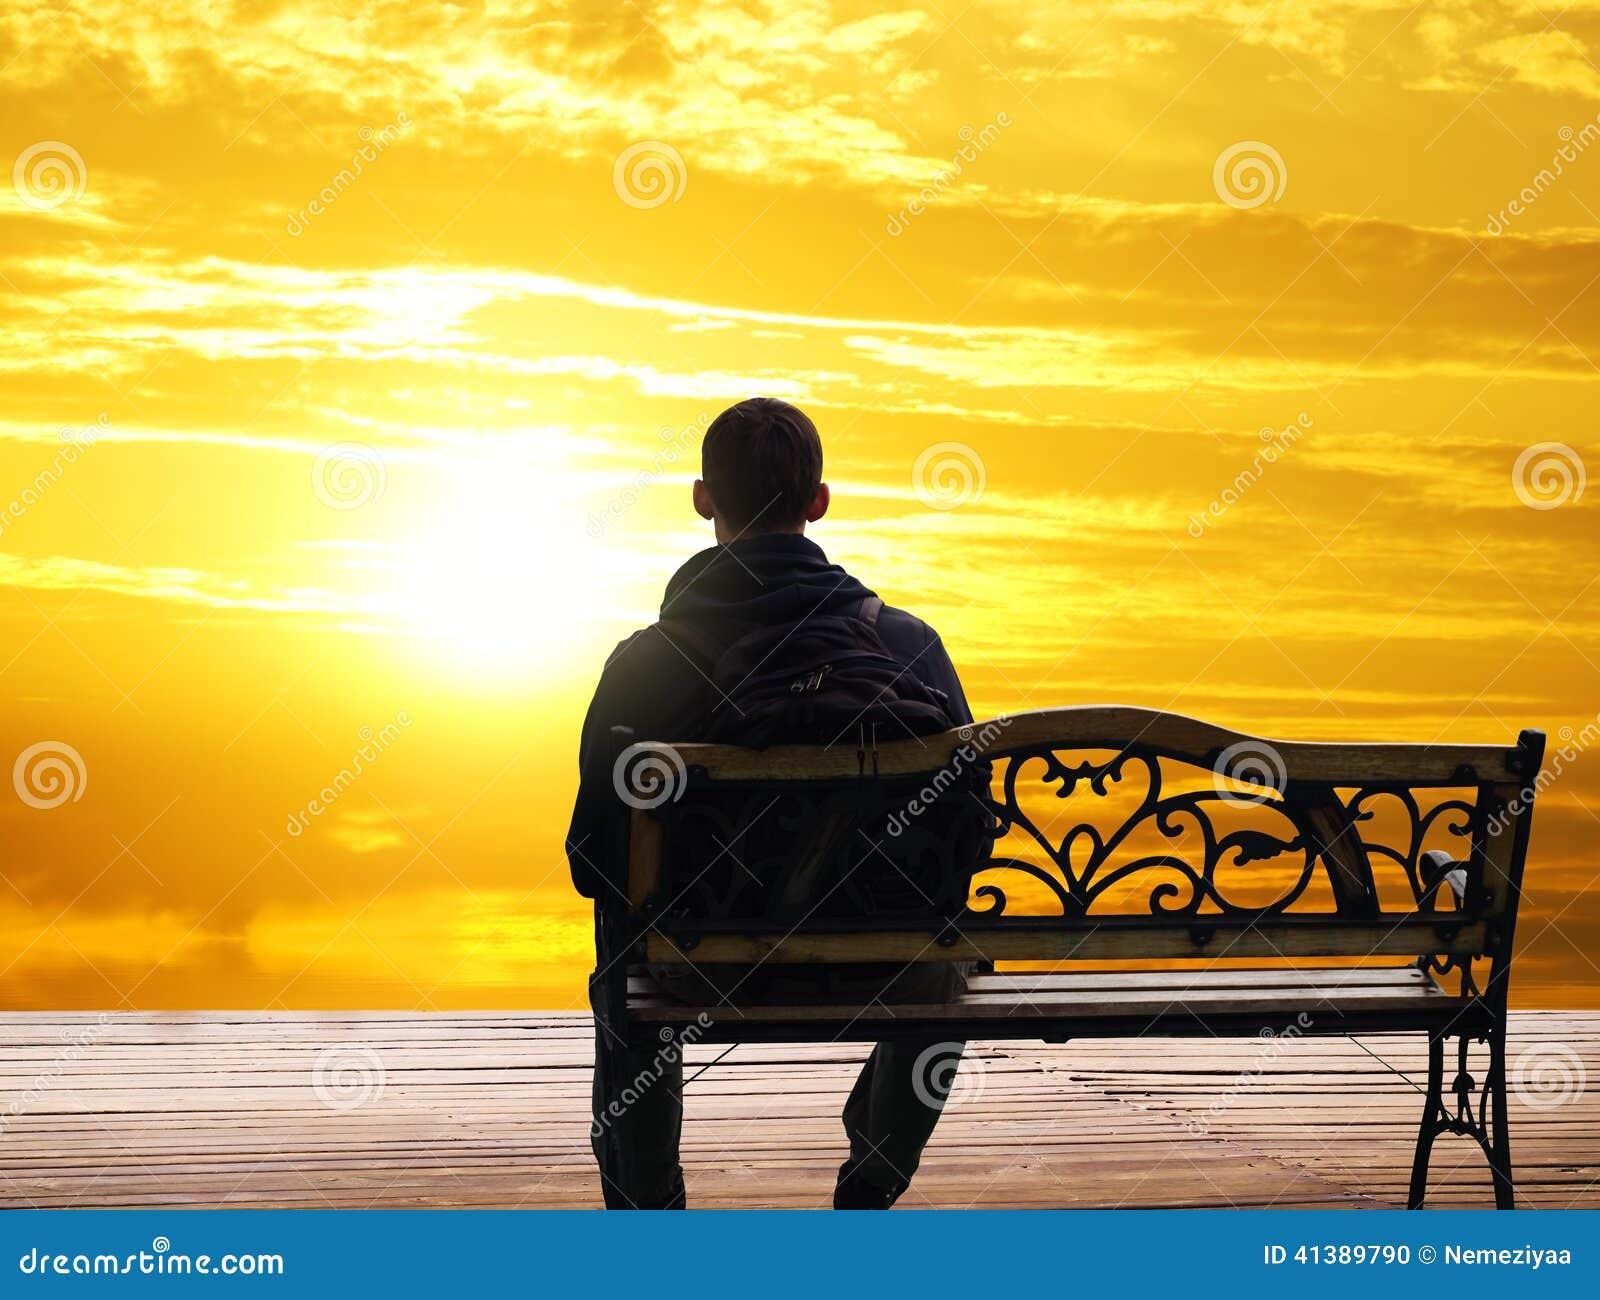 imagenes de un hombre que se siente solo